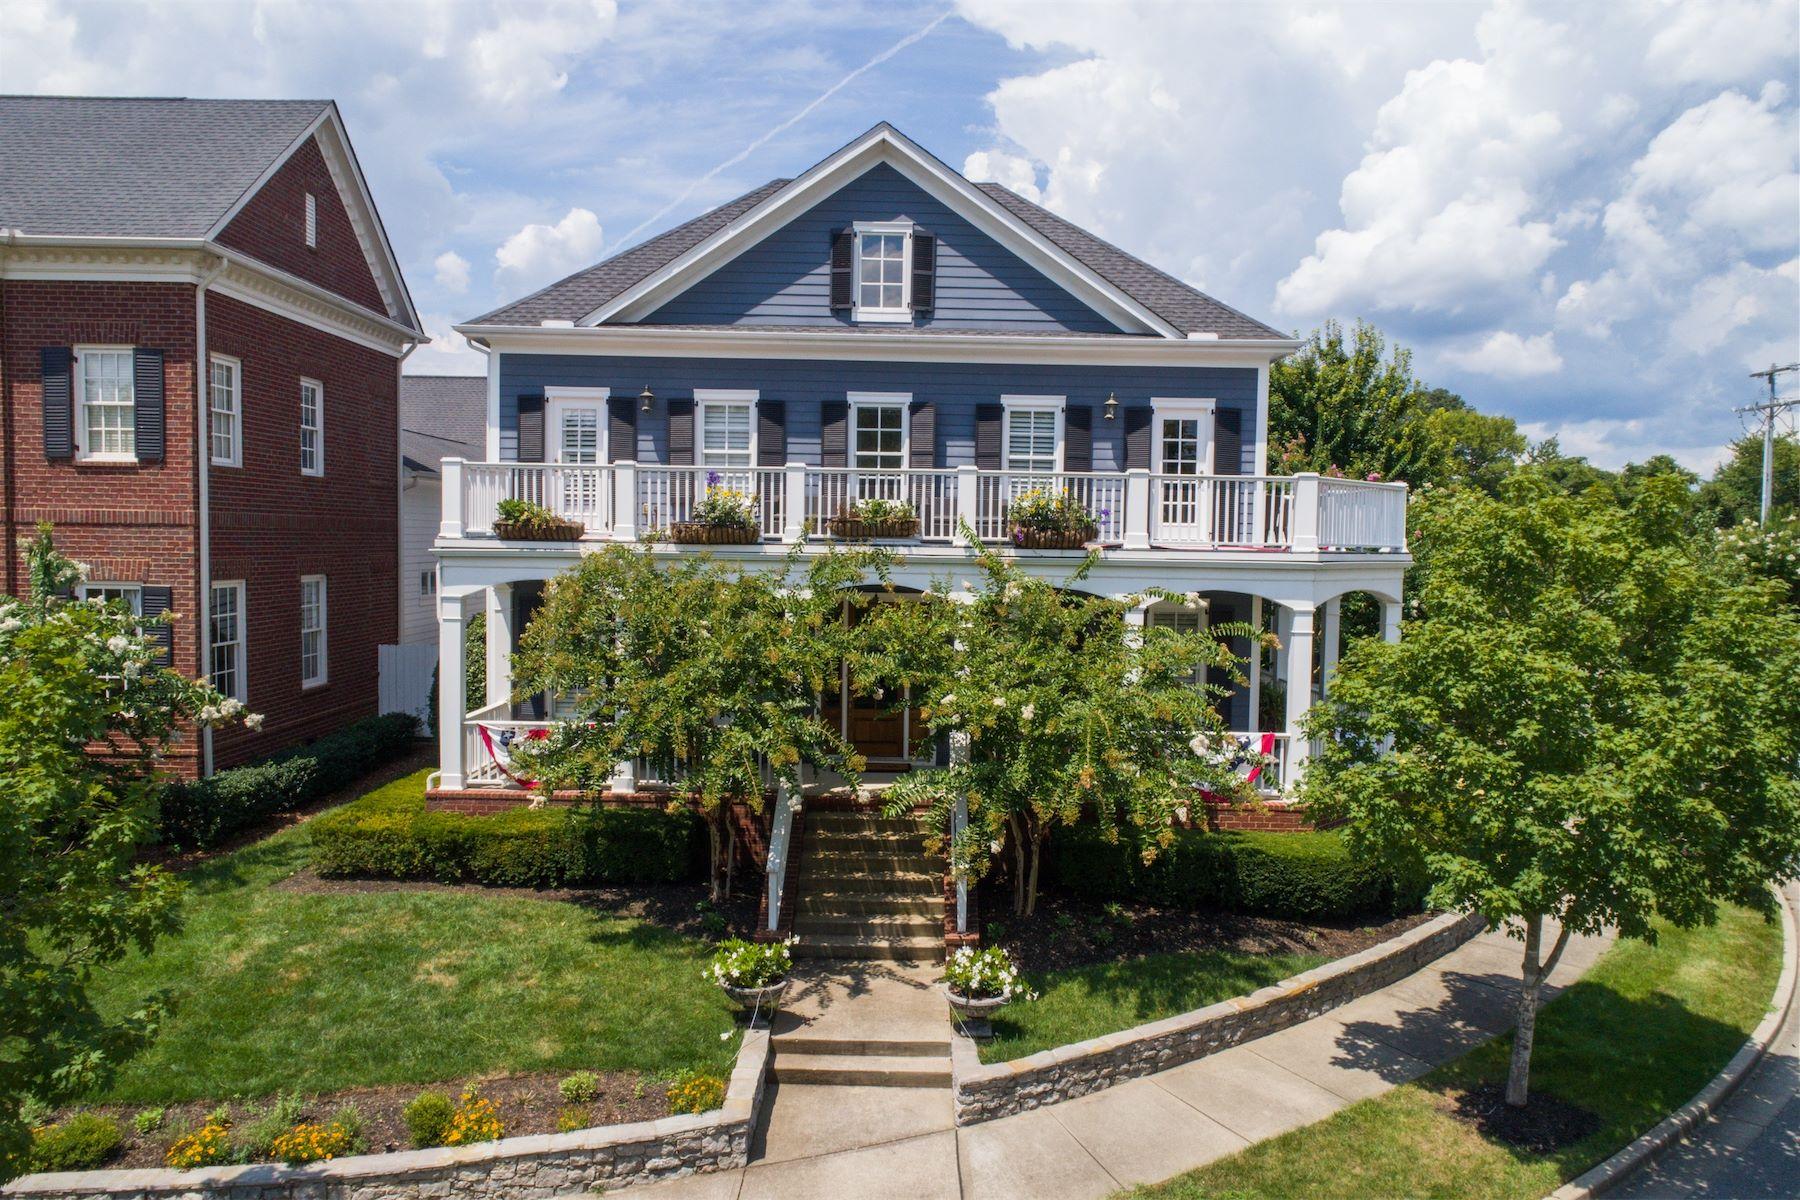 Einfamilienhaus für Verkauf beim Beautiful Custom Built Home in Westhaven 410 Wiregrass Lane Franklin, Tennessee, 37064 South, Vereinigte Staaten